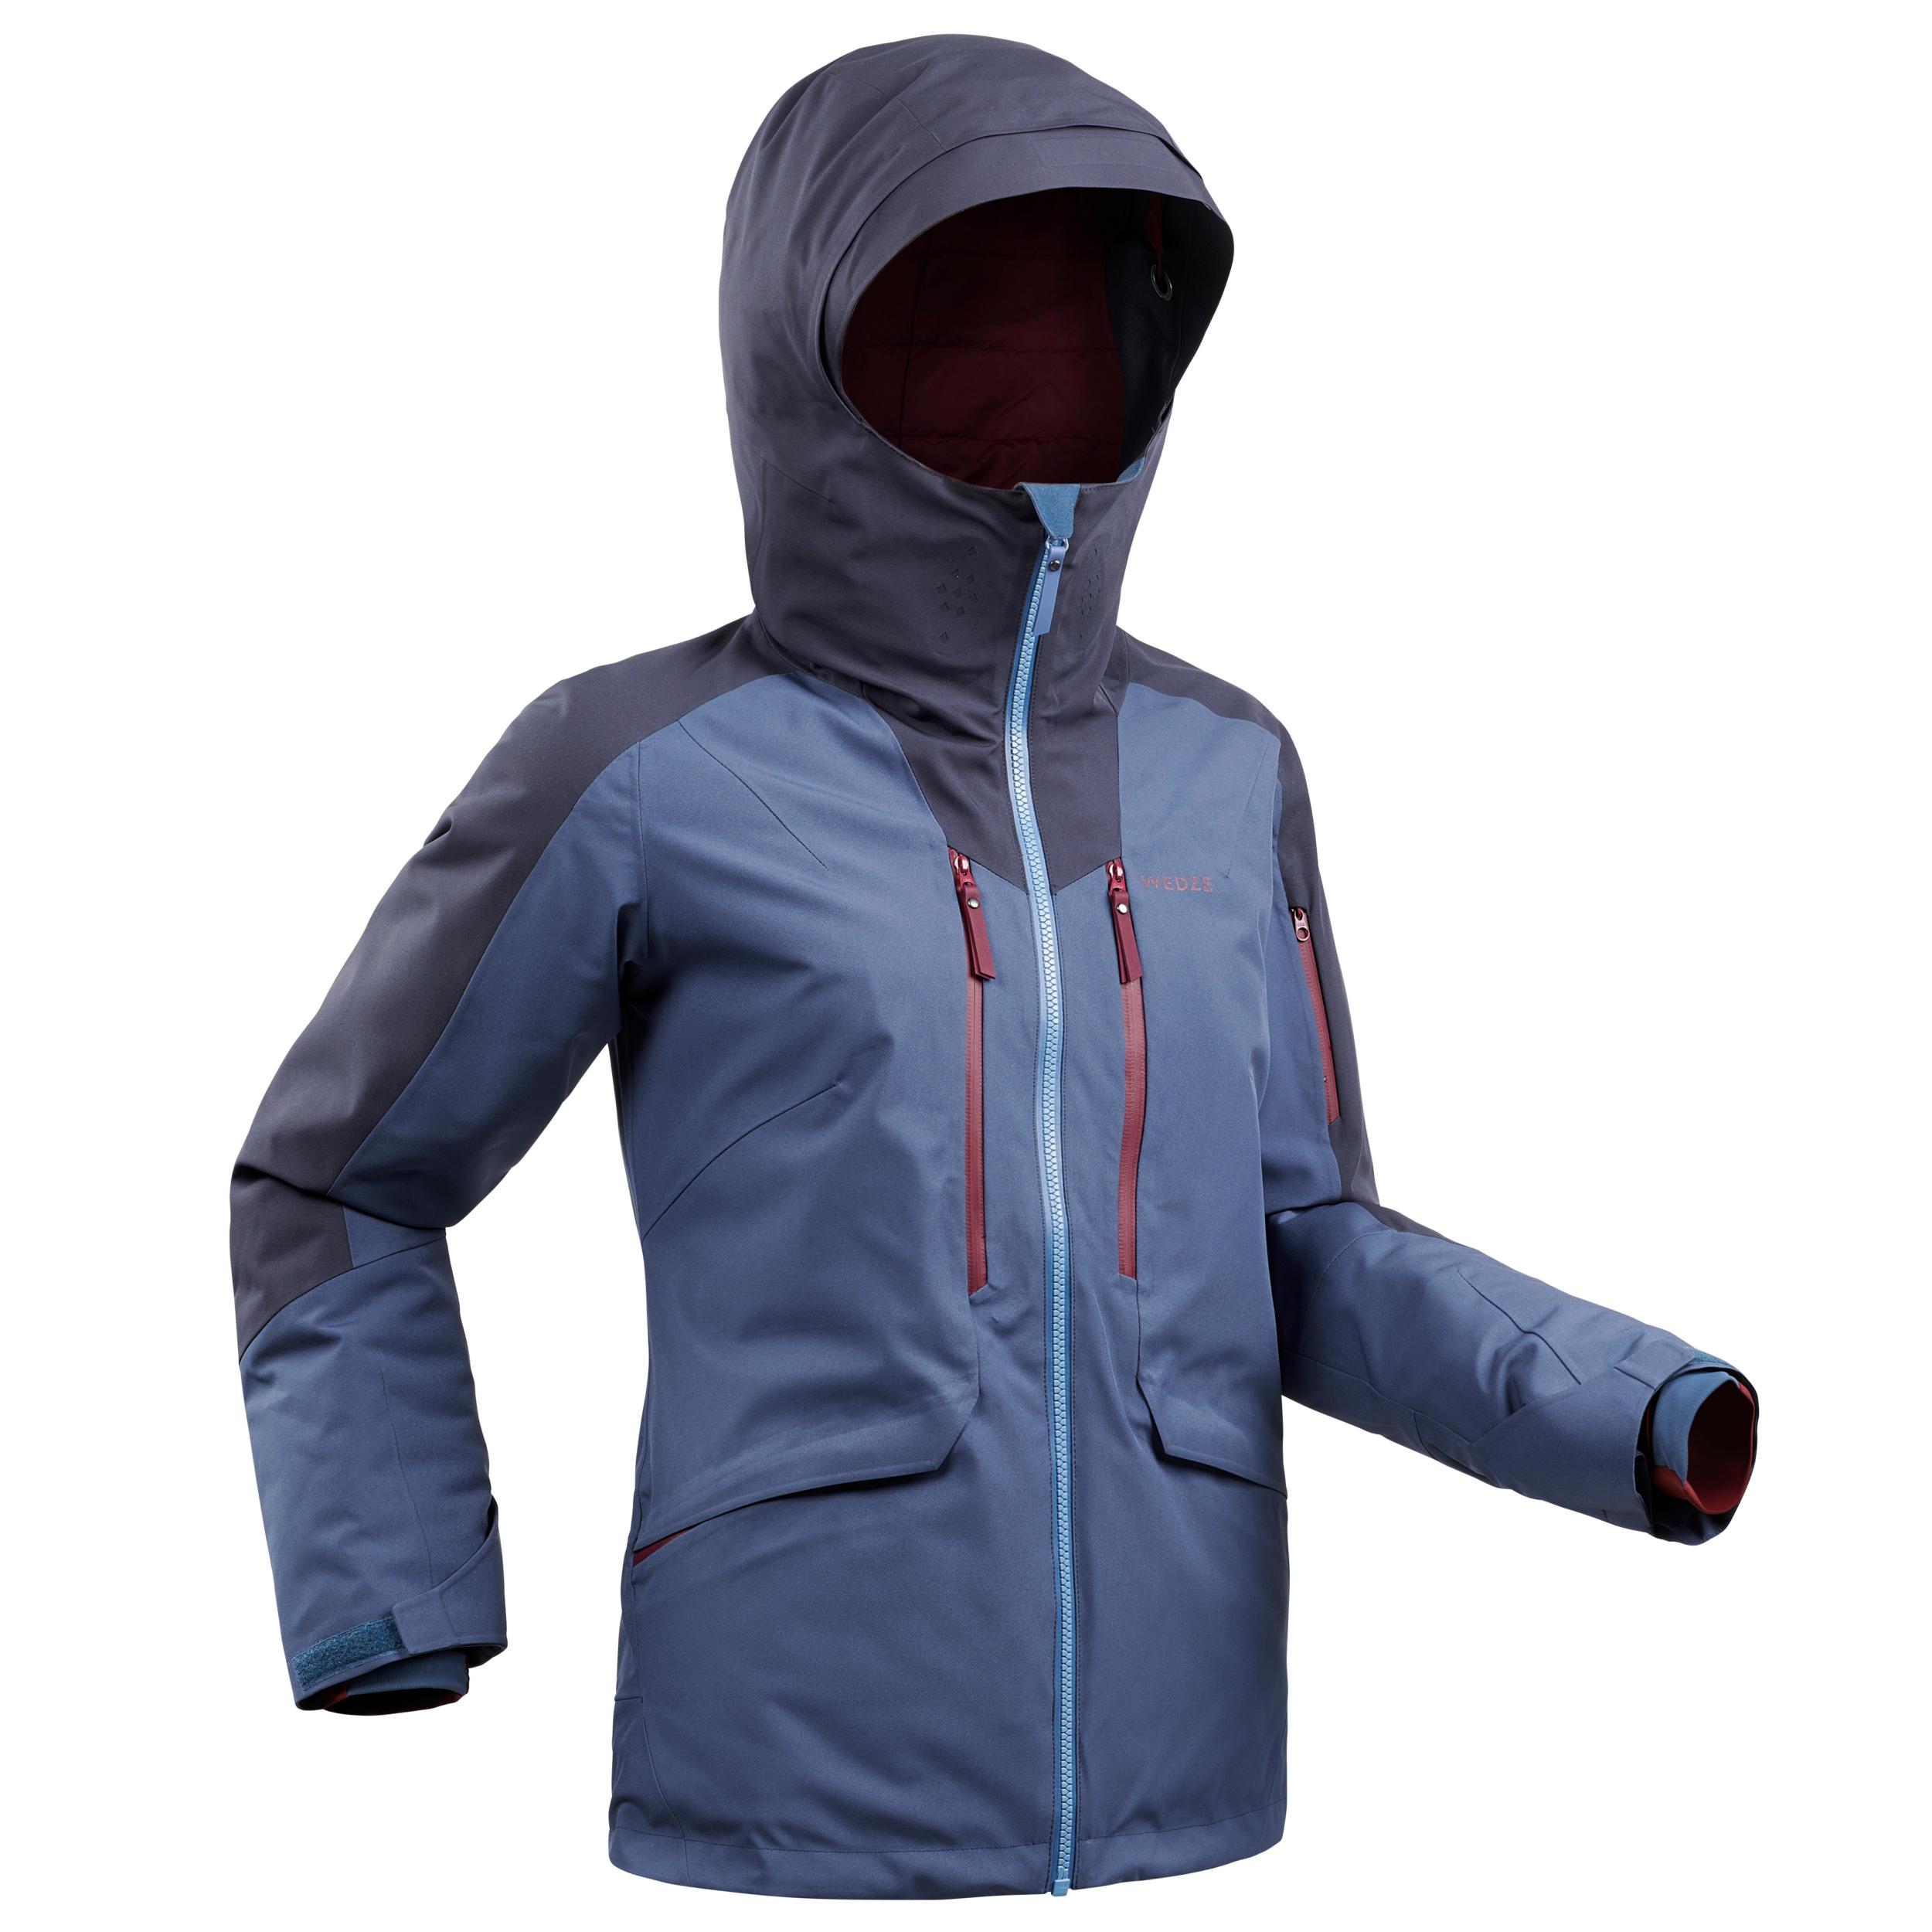 Veste de ski Freeride femme JKT SKI FR500 F Bleue - Wedze